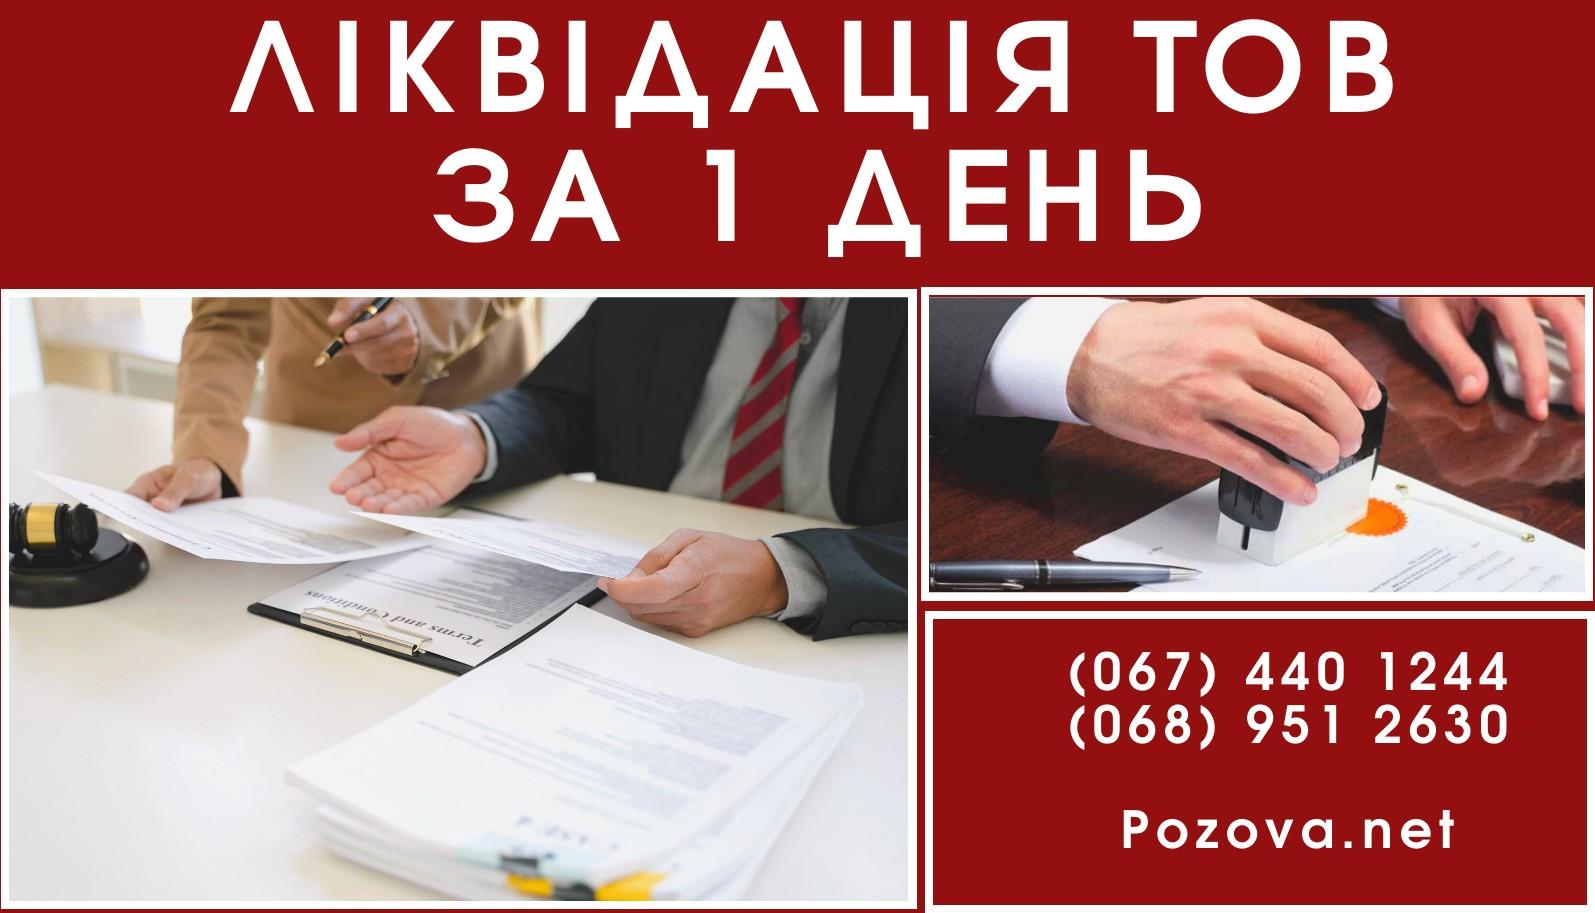 Услуги по экспресс-ликвидации ООО в Киеве.